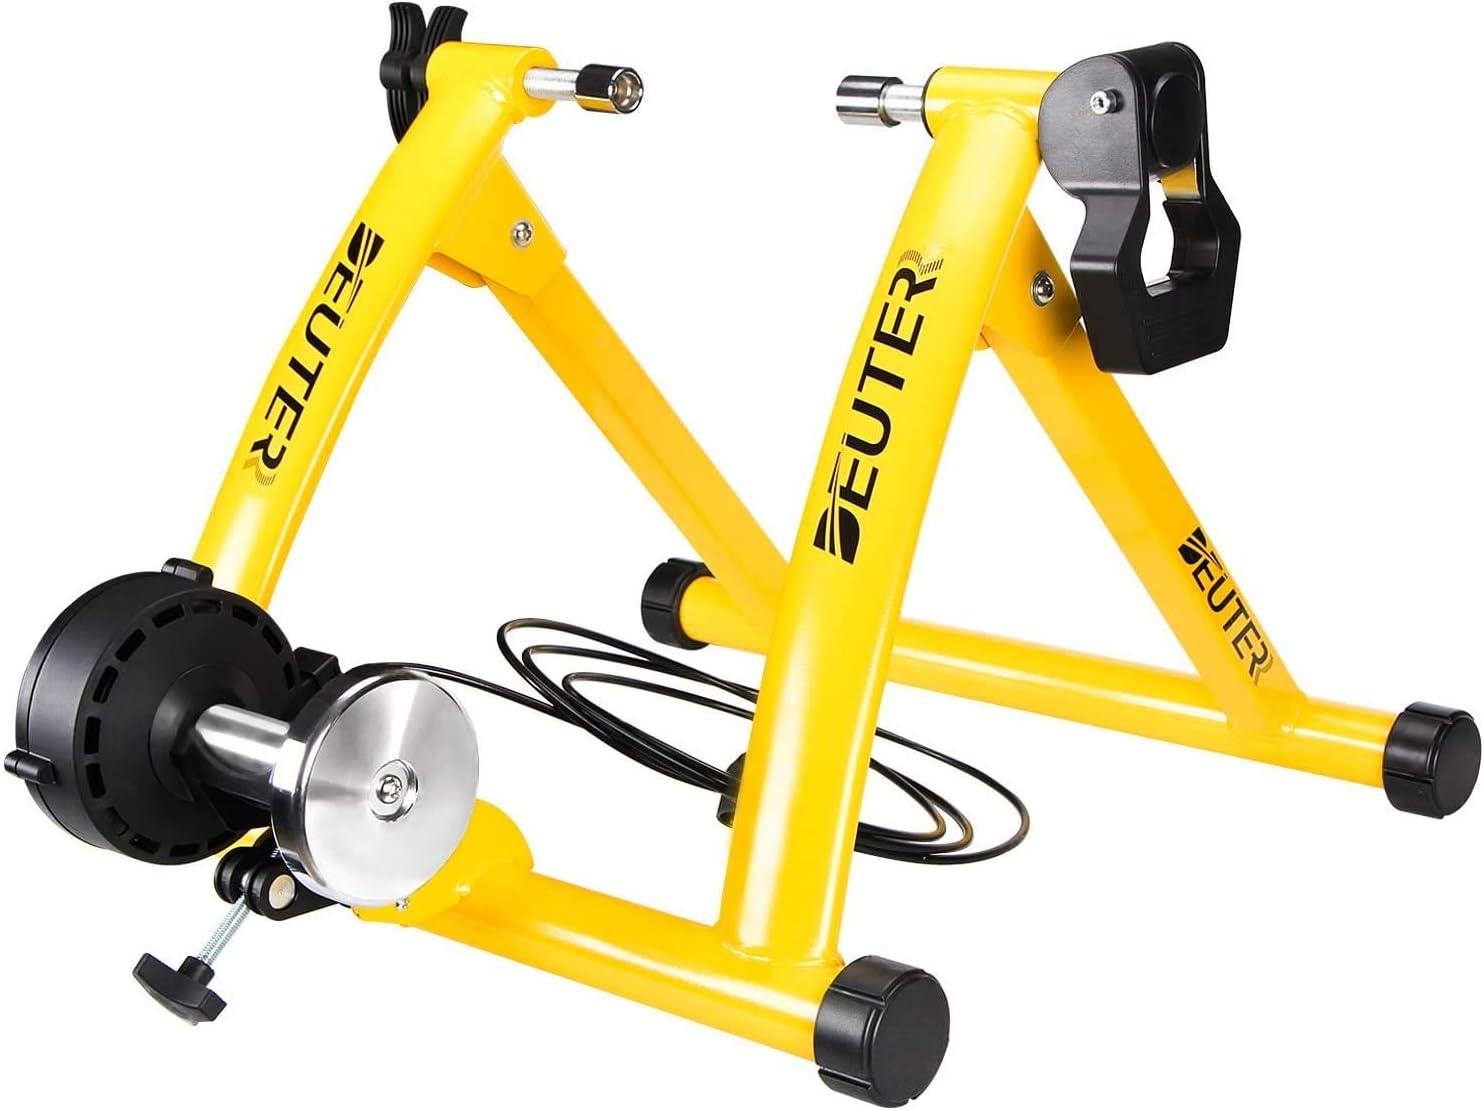 Deuter - Soporte magnético para bicicleta para montar en interiores, portátil, de liberación rápida y bloque de elevación de rueda delantera incluido